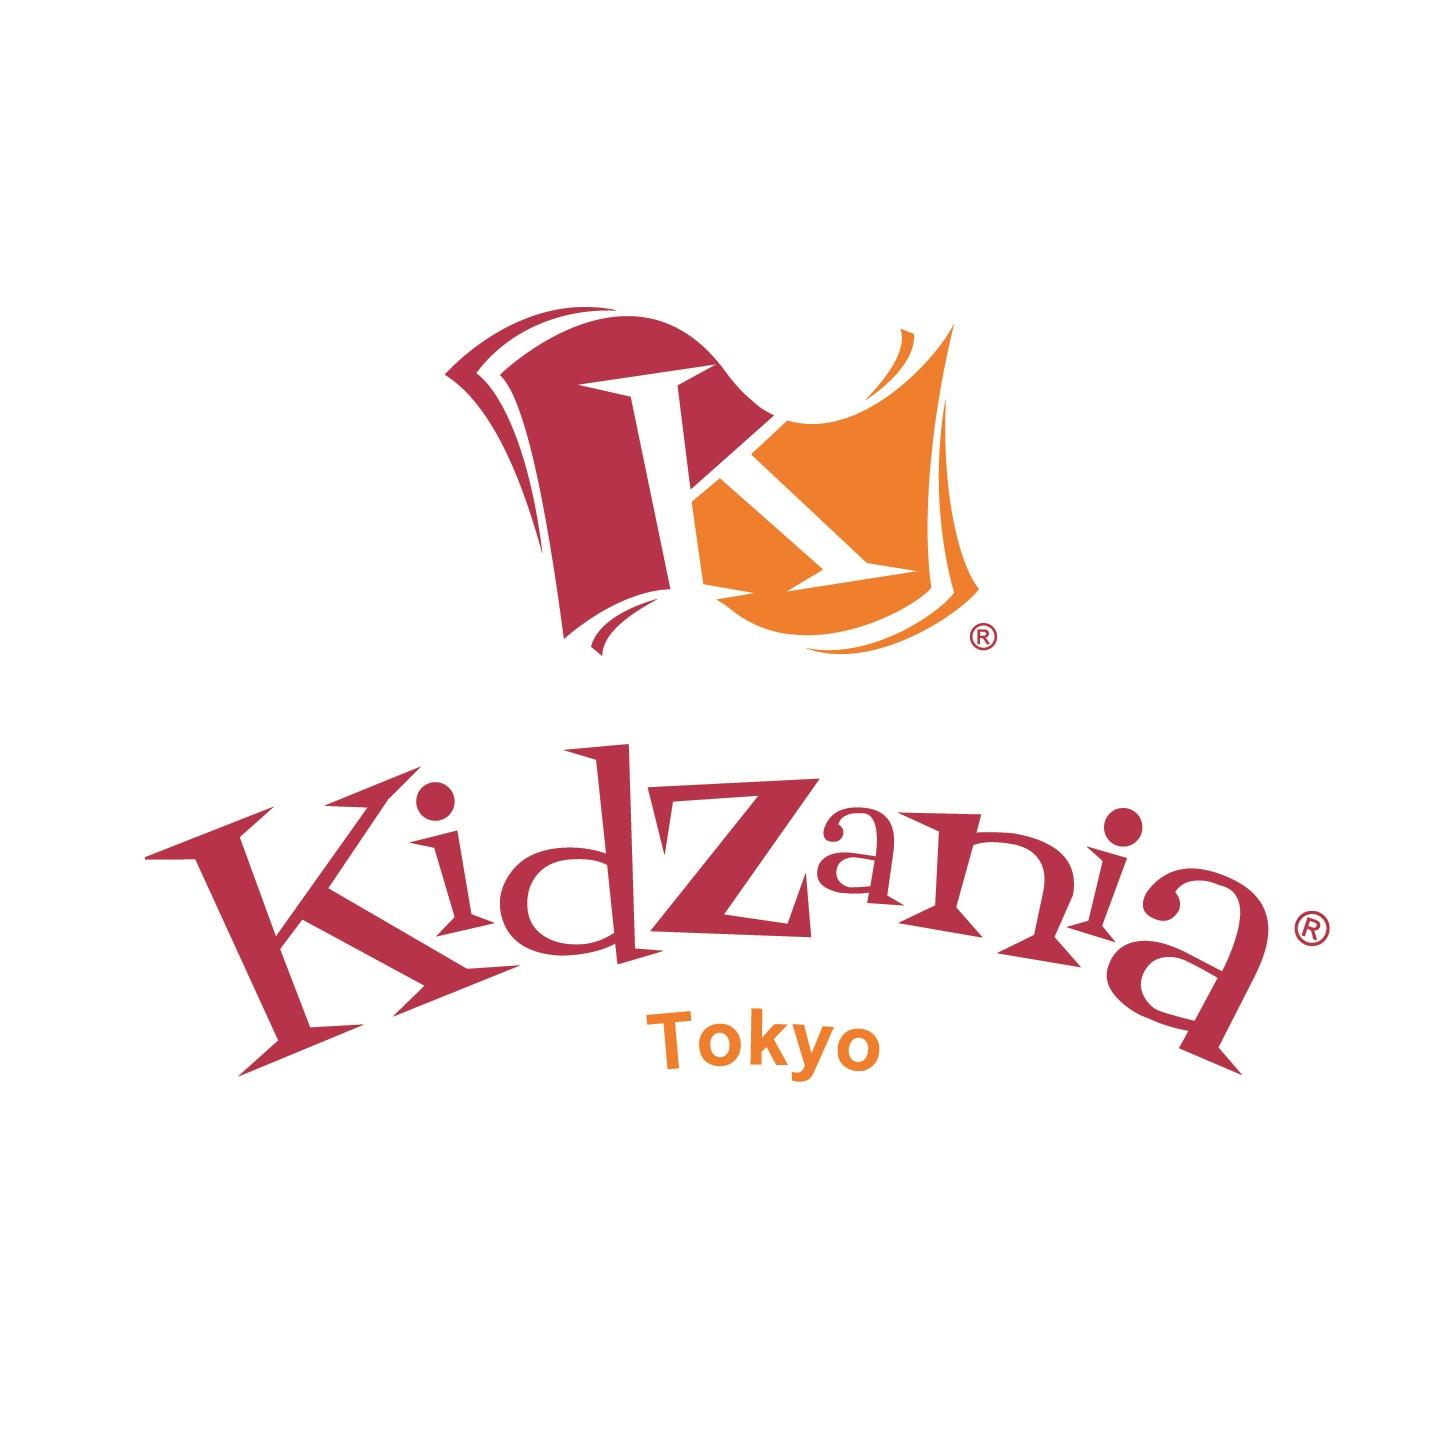 KidZania東京